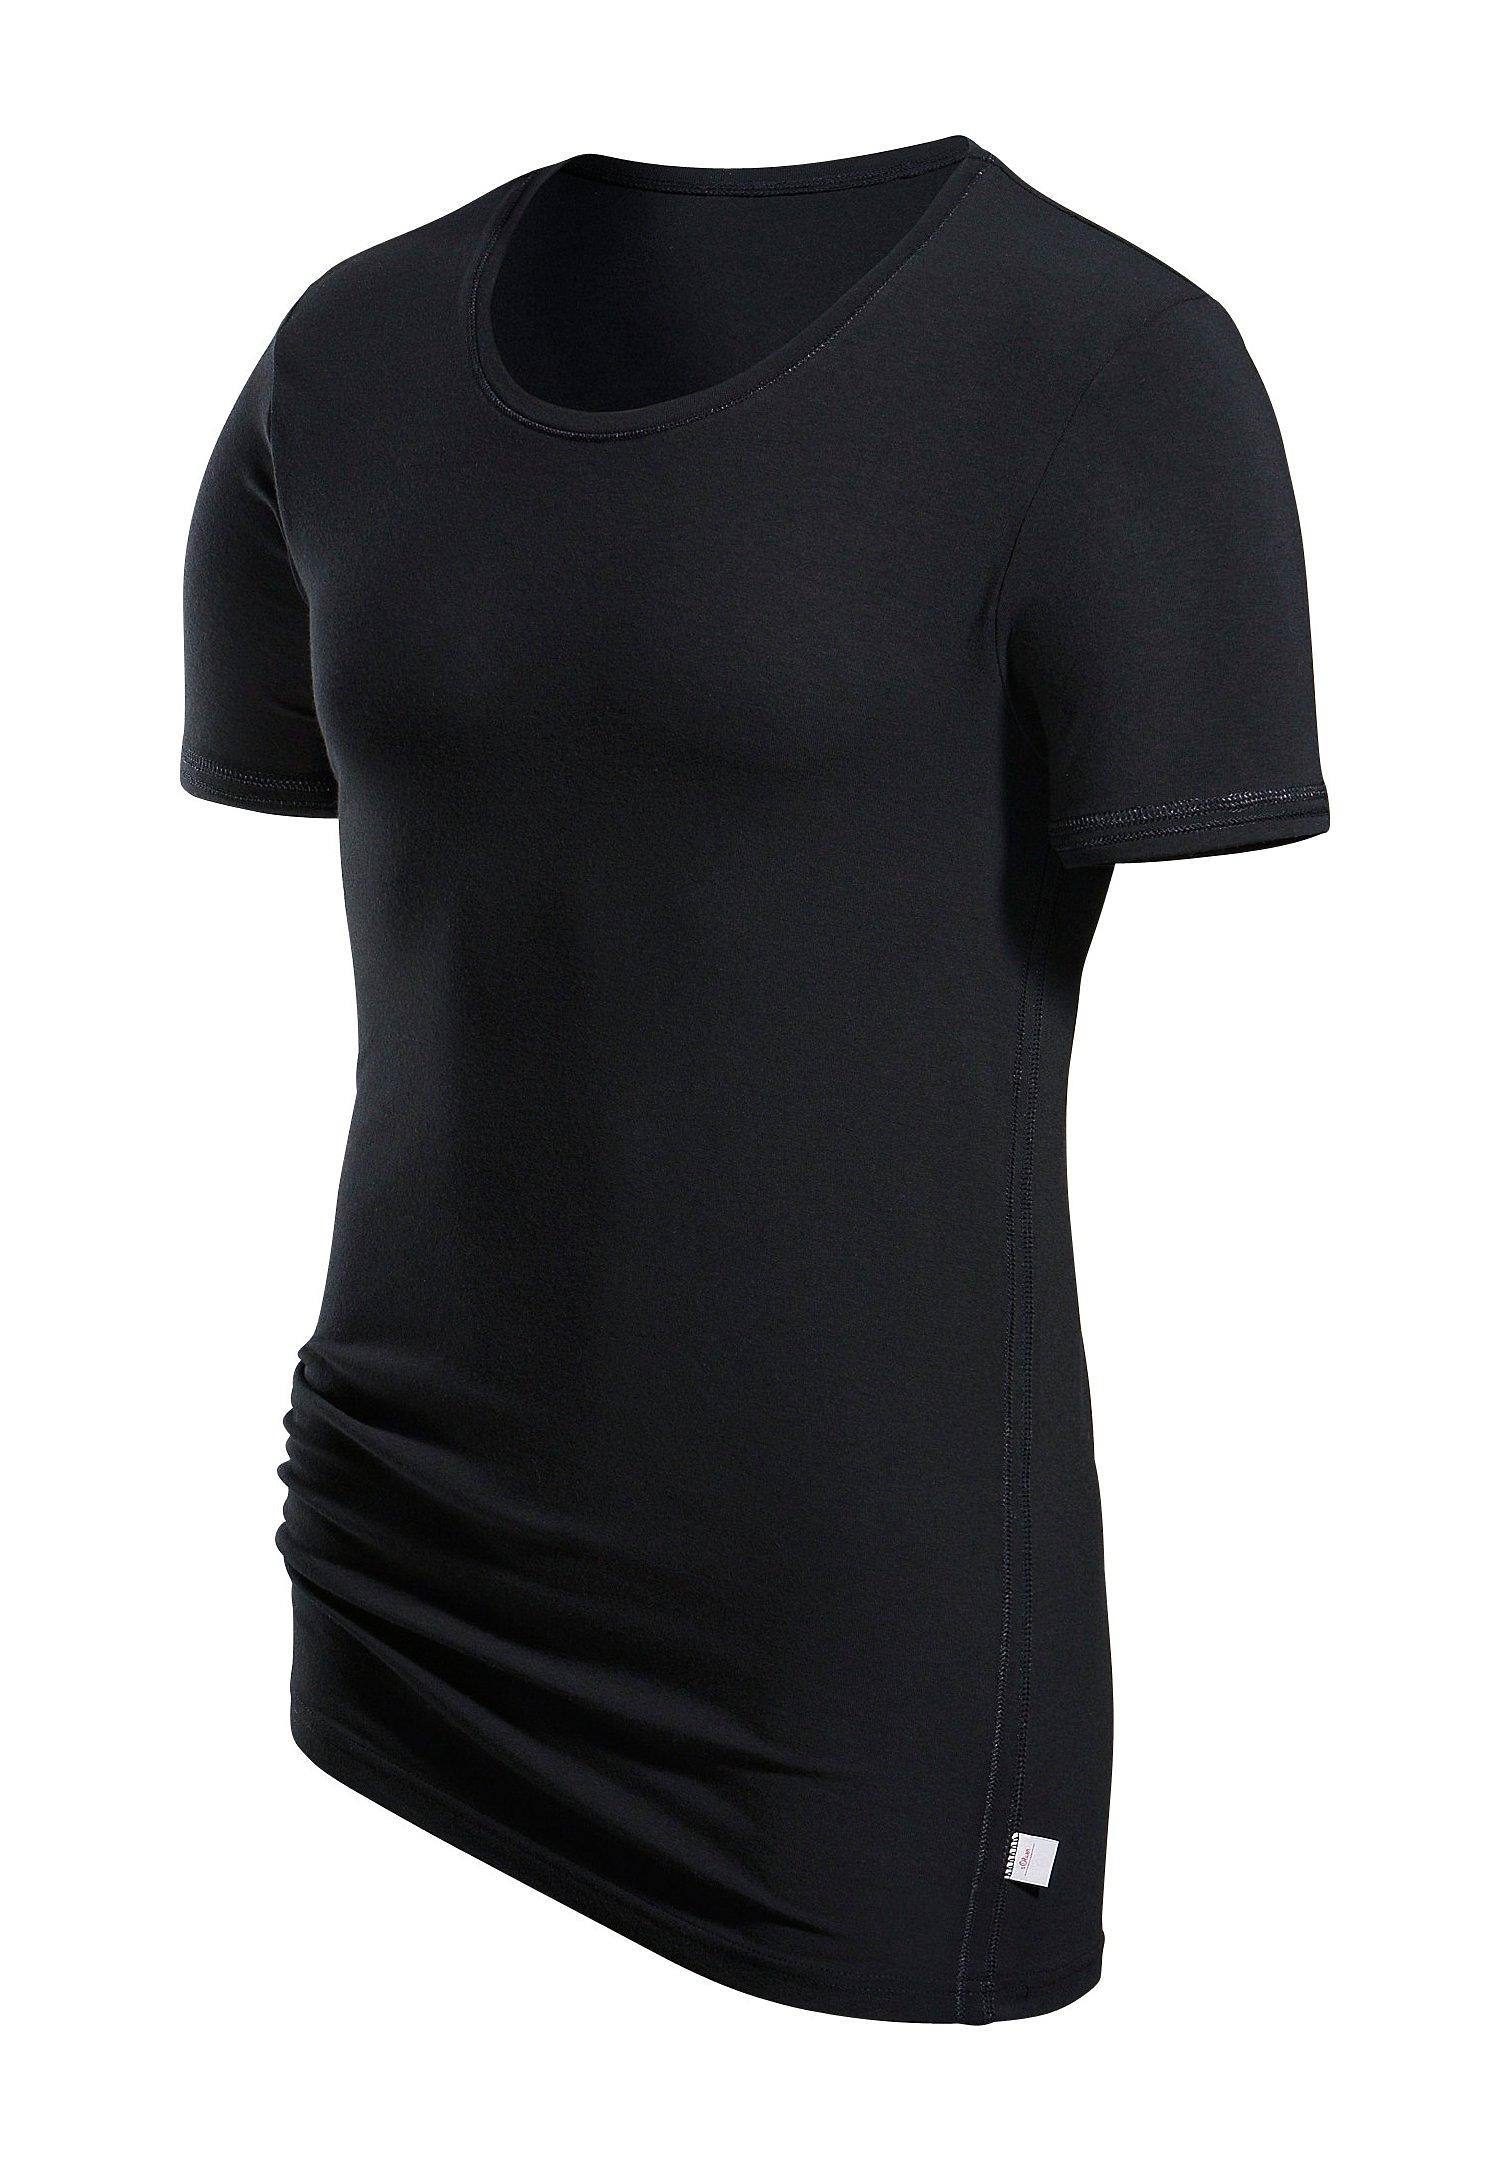 s.Oliver Bodywear T-shirt S.OLIVER bestellen: 30 dagen bedenktijd